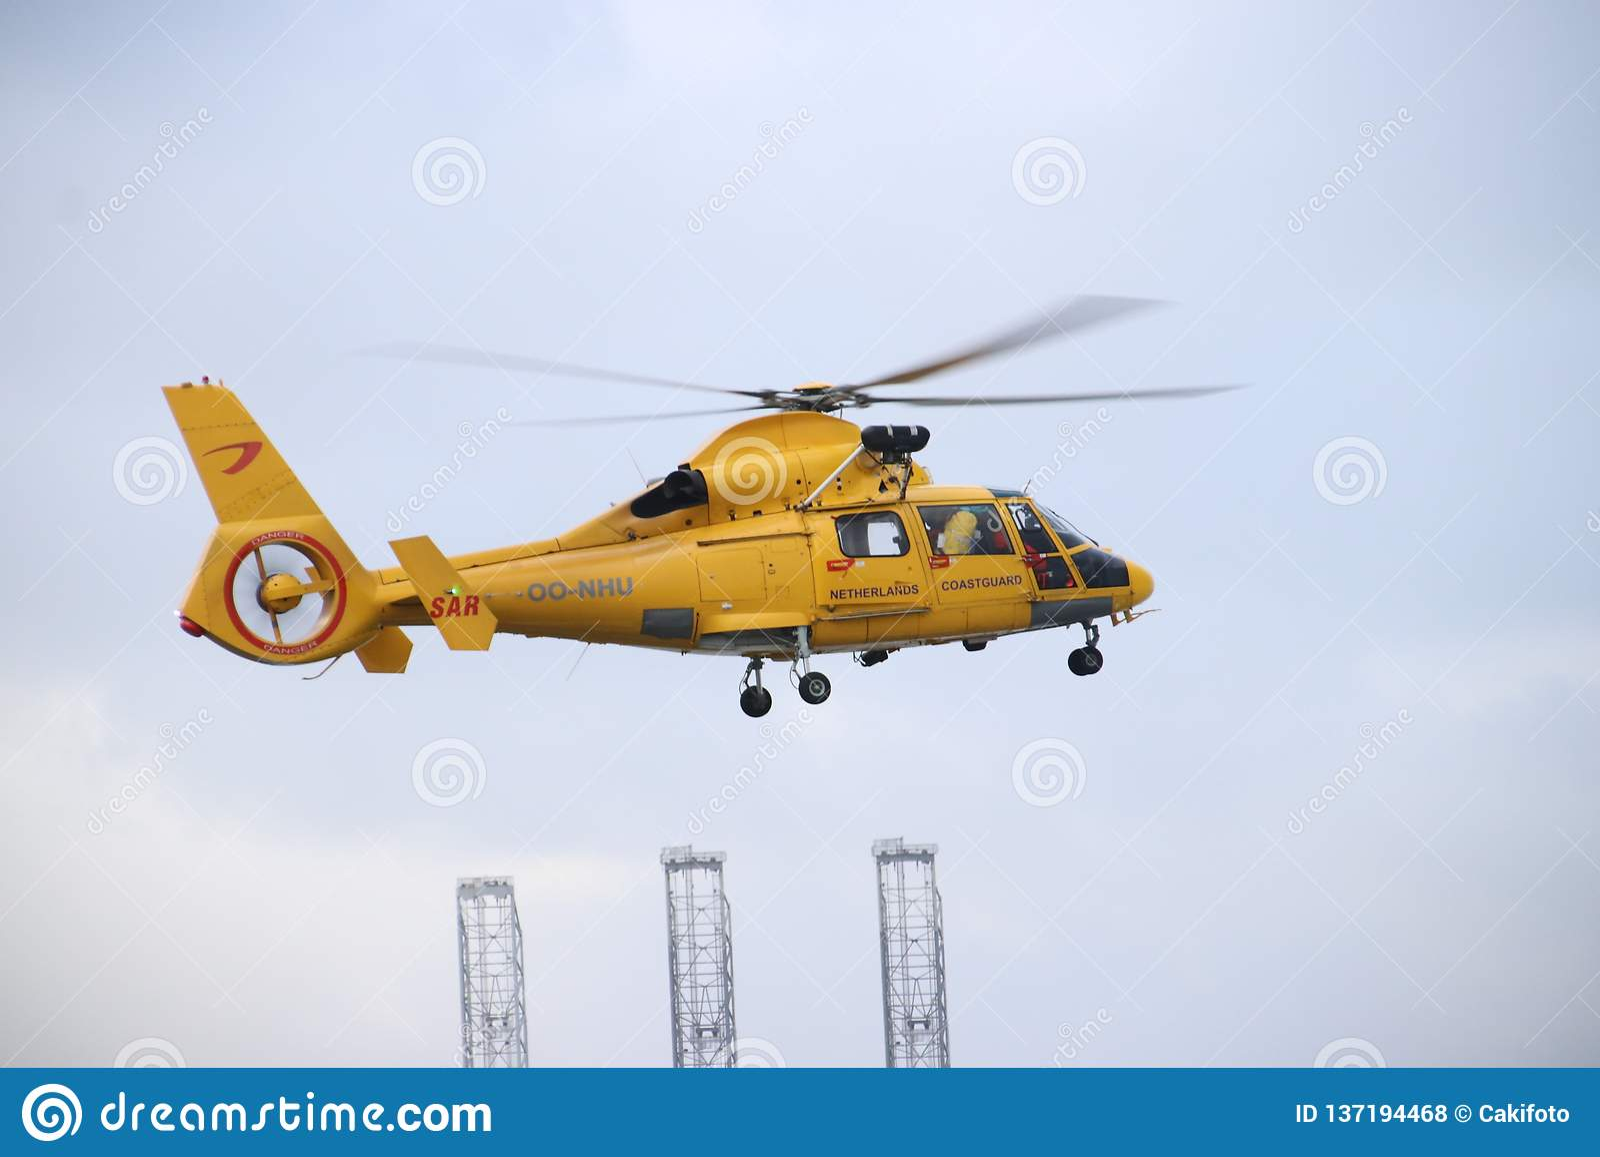 从海岸警备队的OO-NHU直升机在荷兰在腐烂口岸的Europoort港口把行动的平台留在